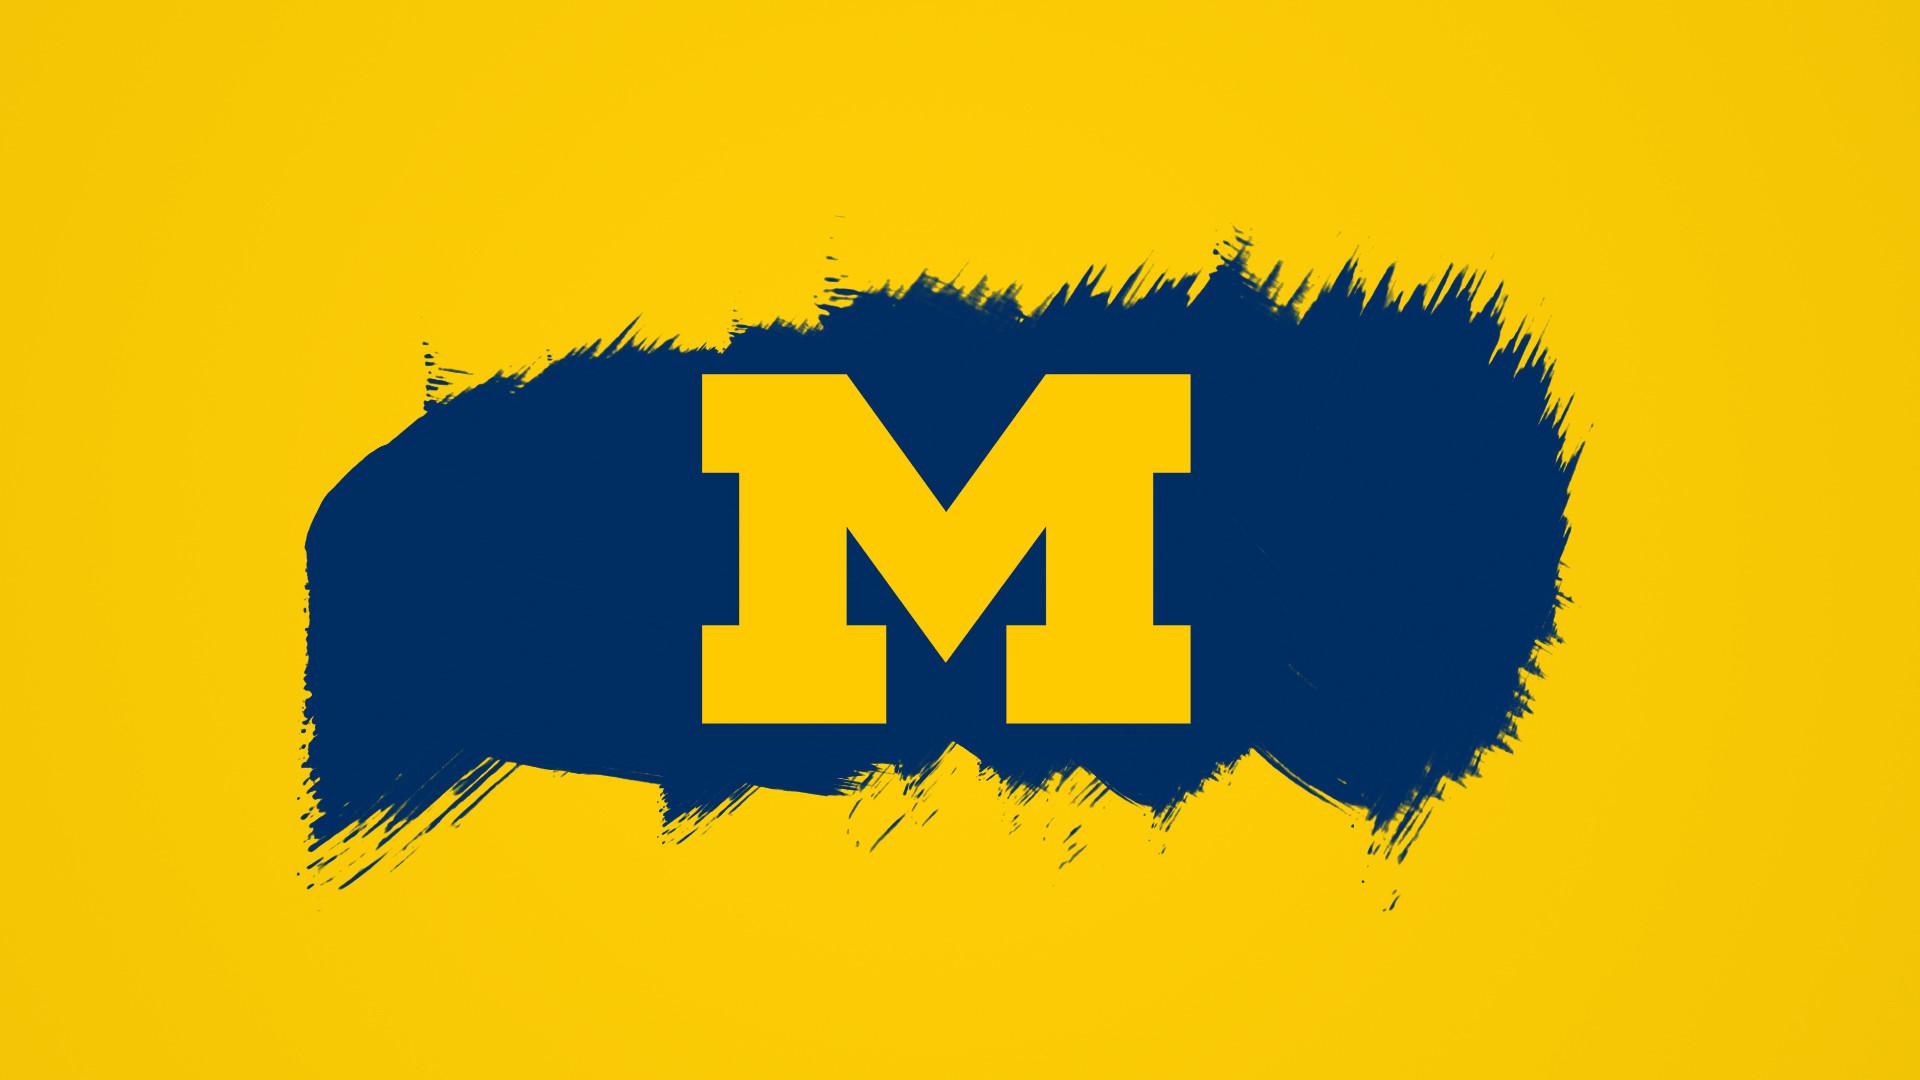 University of Michigan Screensaver Wallpaper